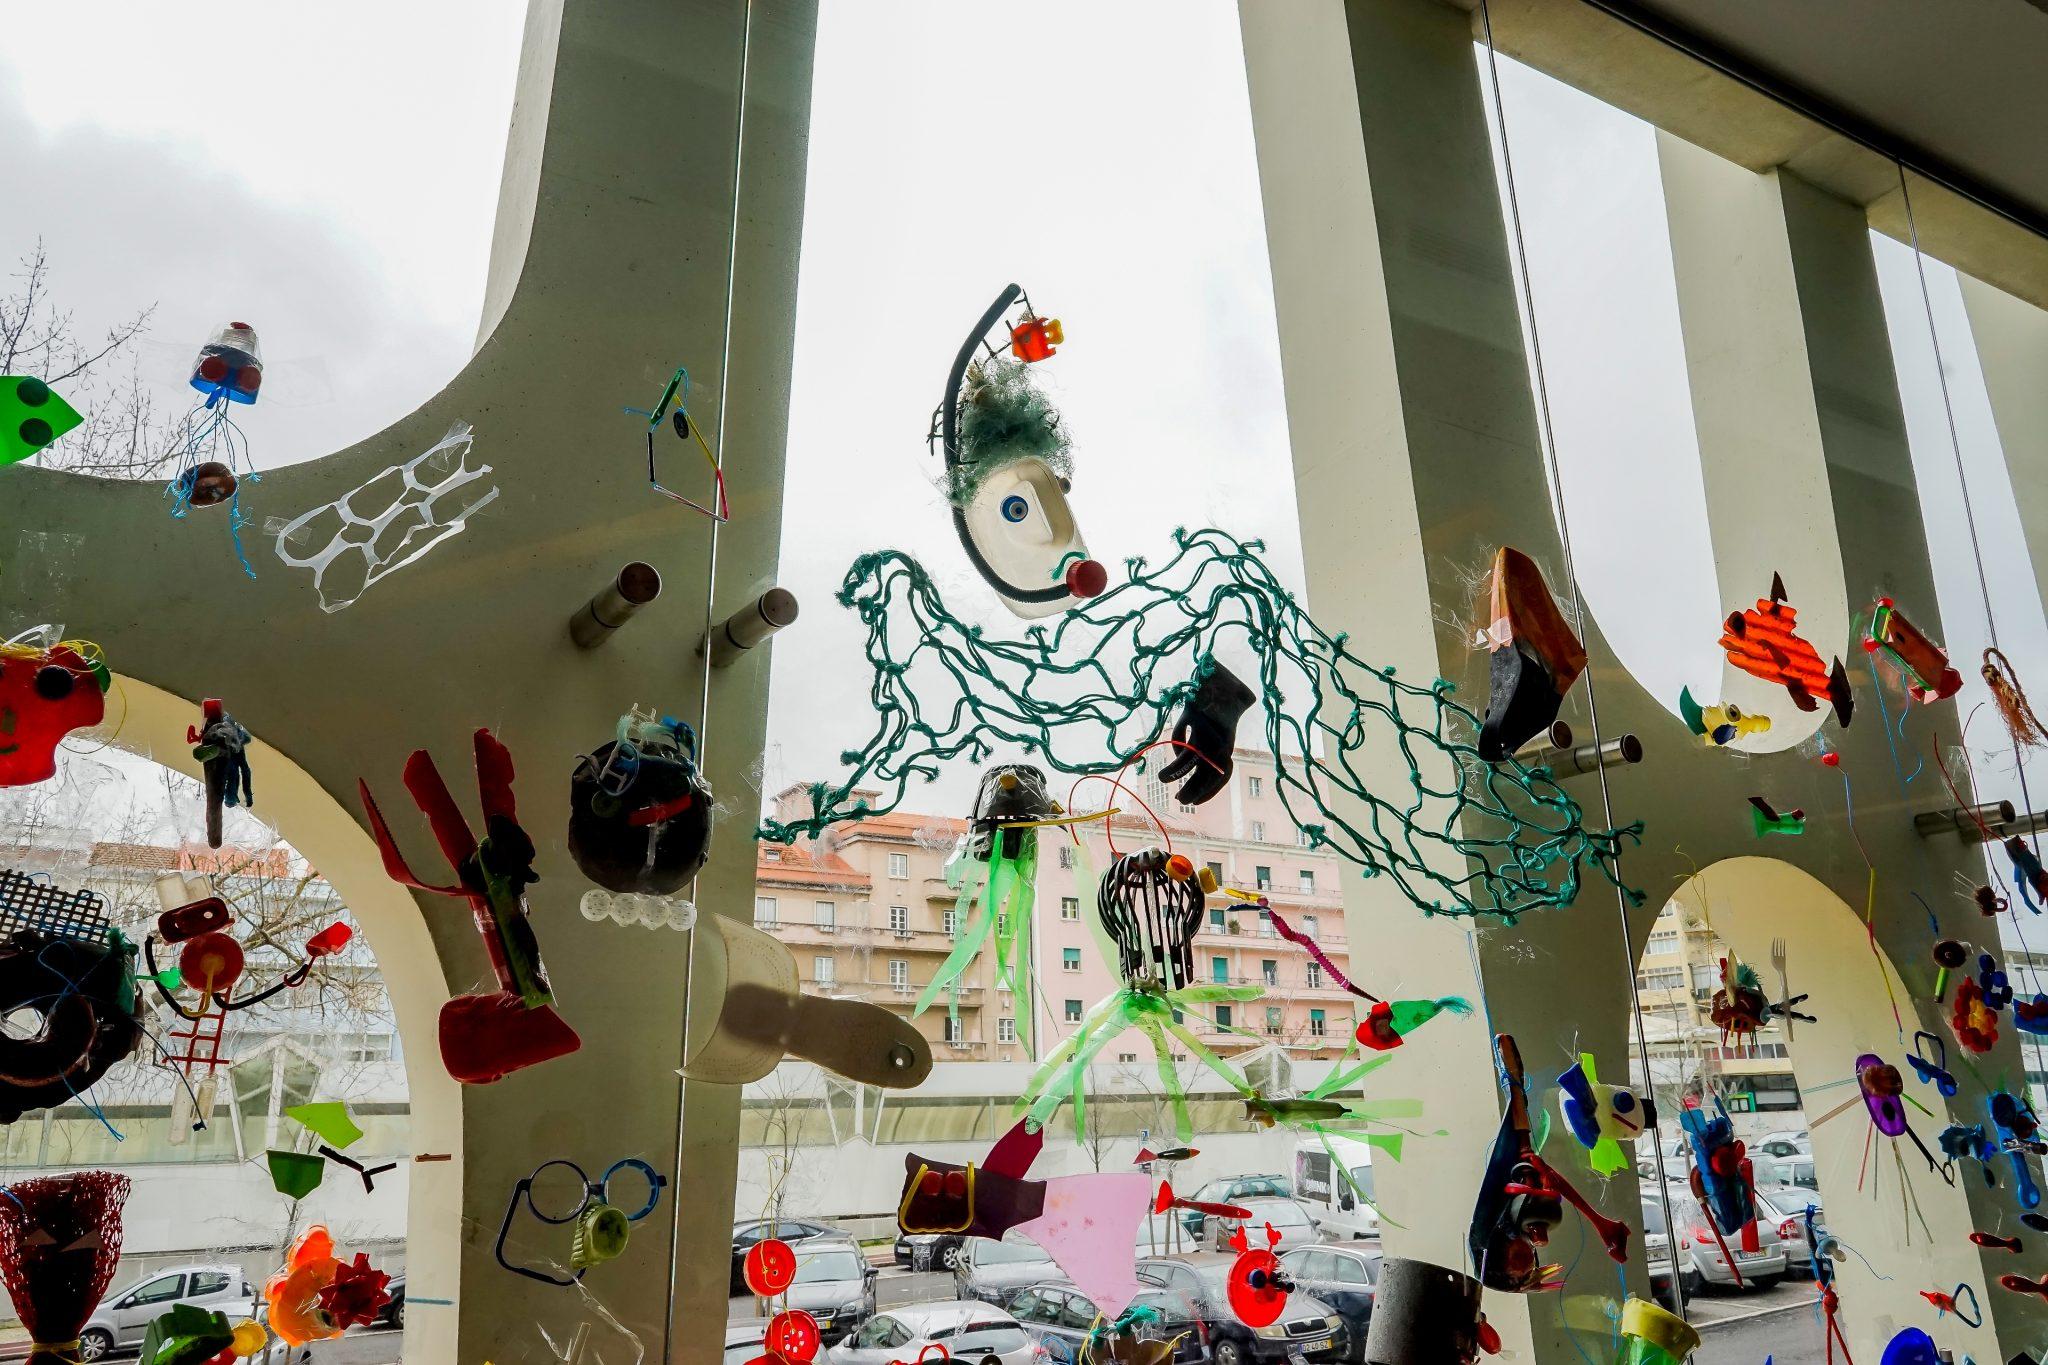 Janela de vidro ampla na qual se encontram colados várias peças criadas com lixo